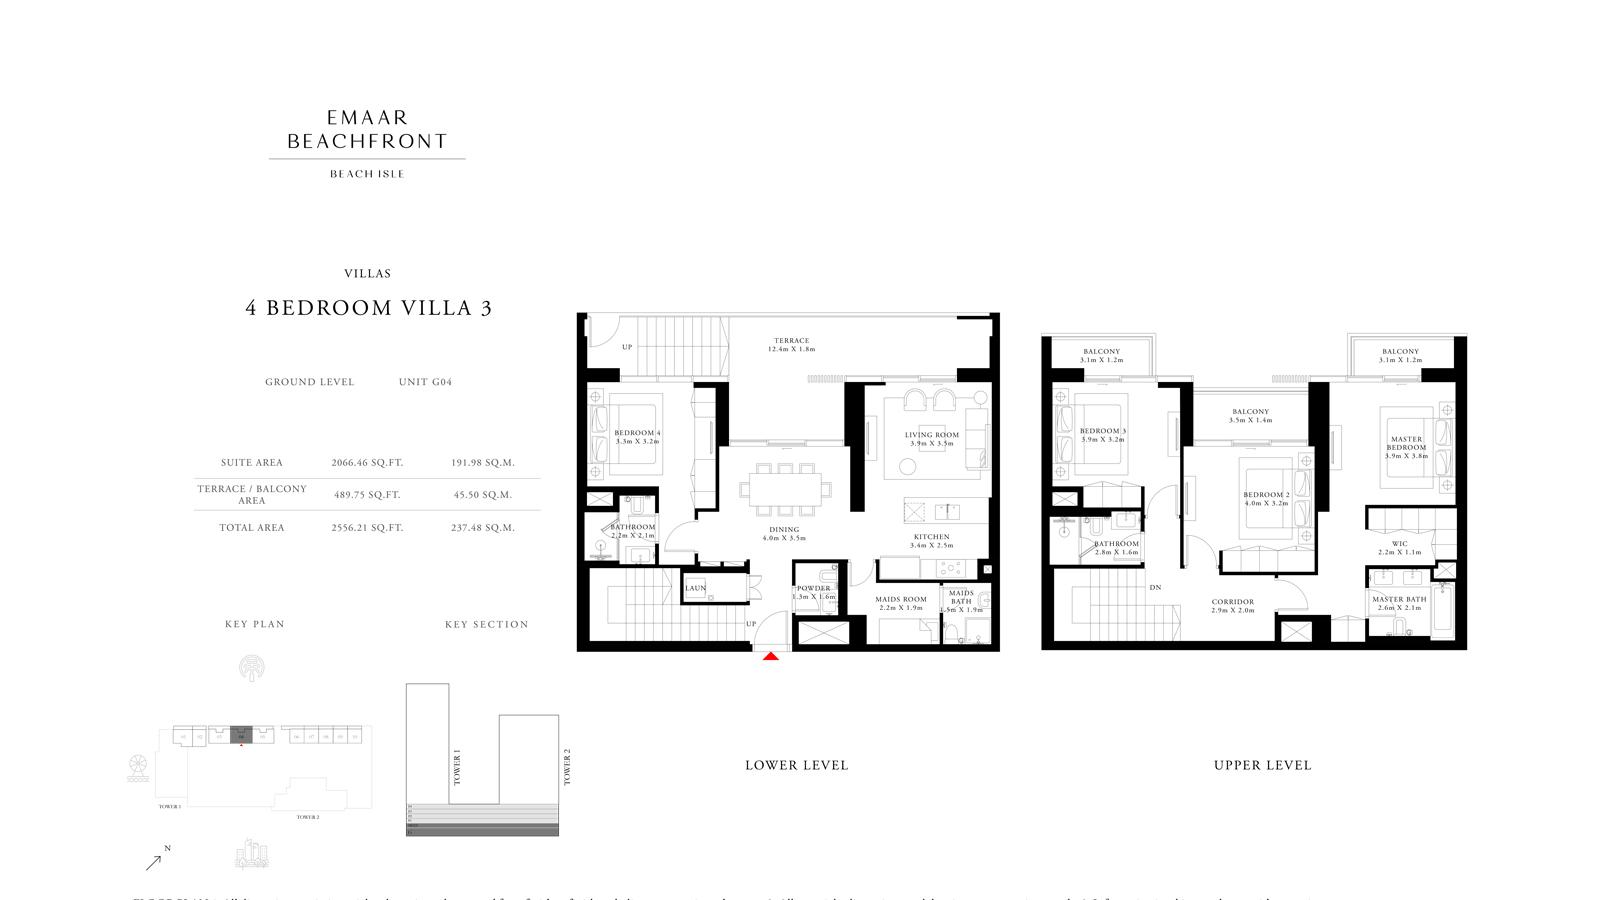 4 Bedroom Villas 3 Size 2556 sq ft